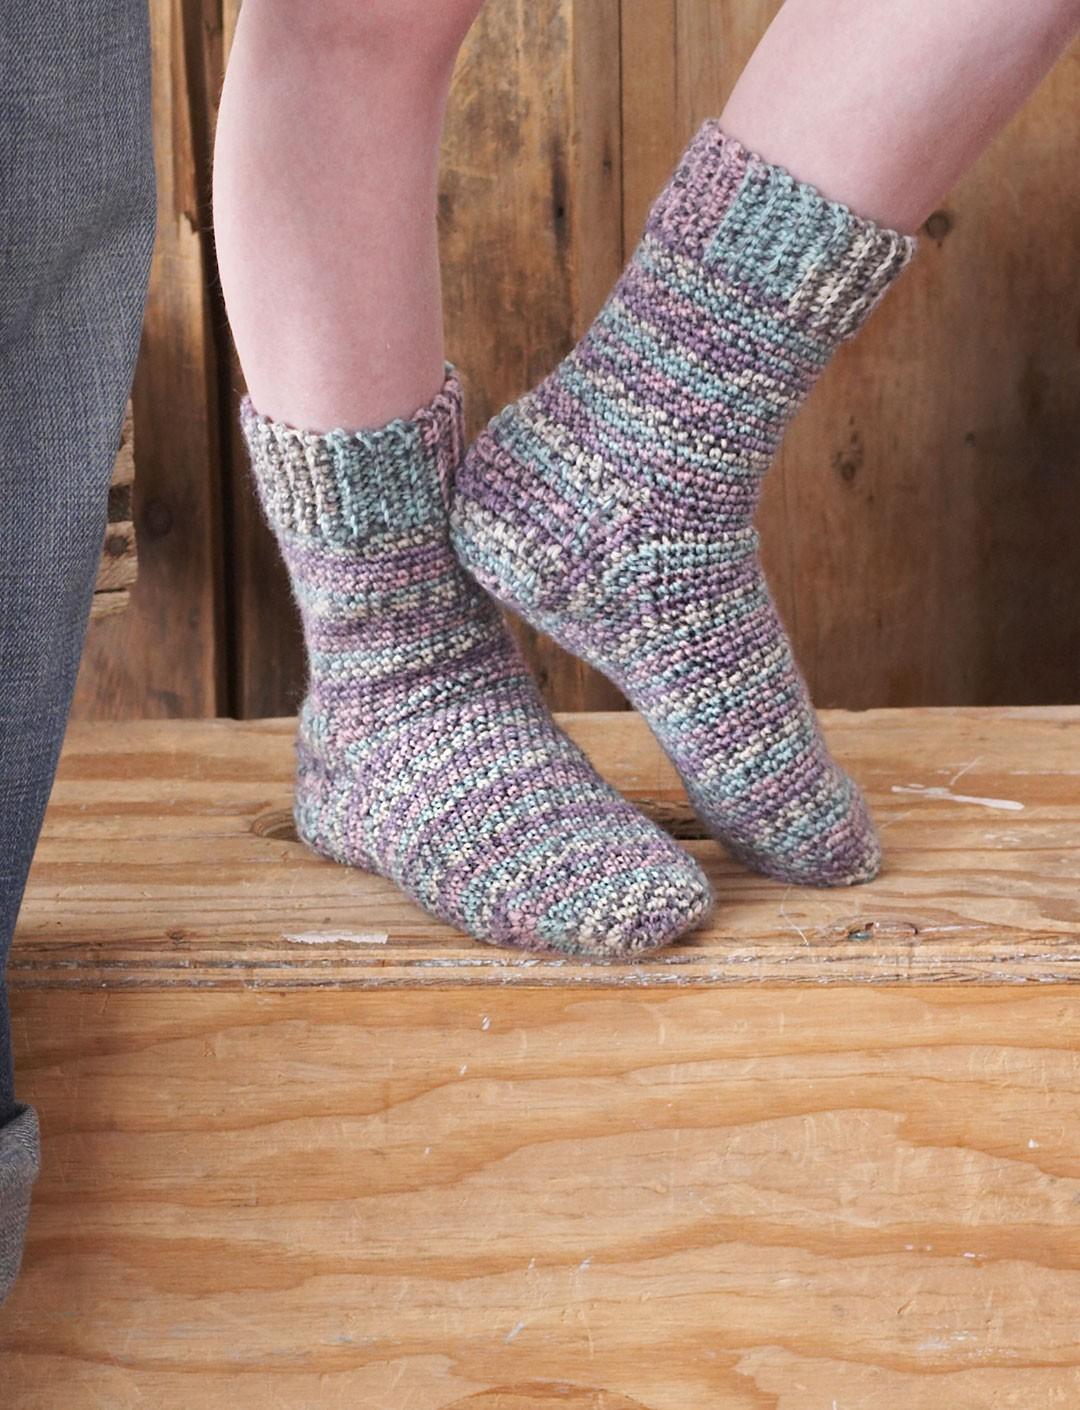 Crochet Sock Pattern: Easy & Quick